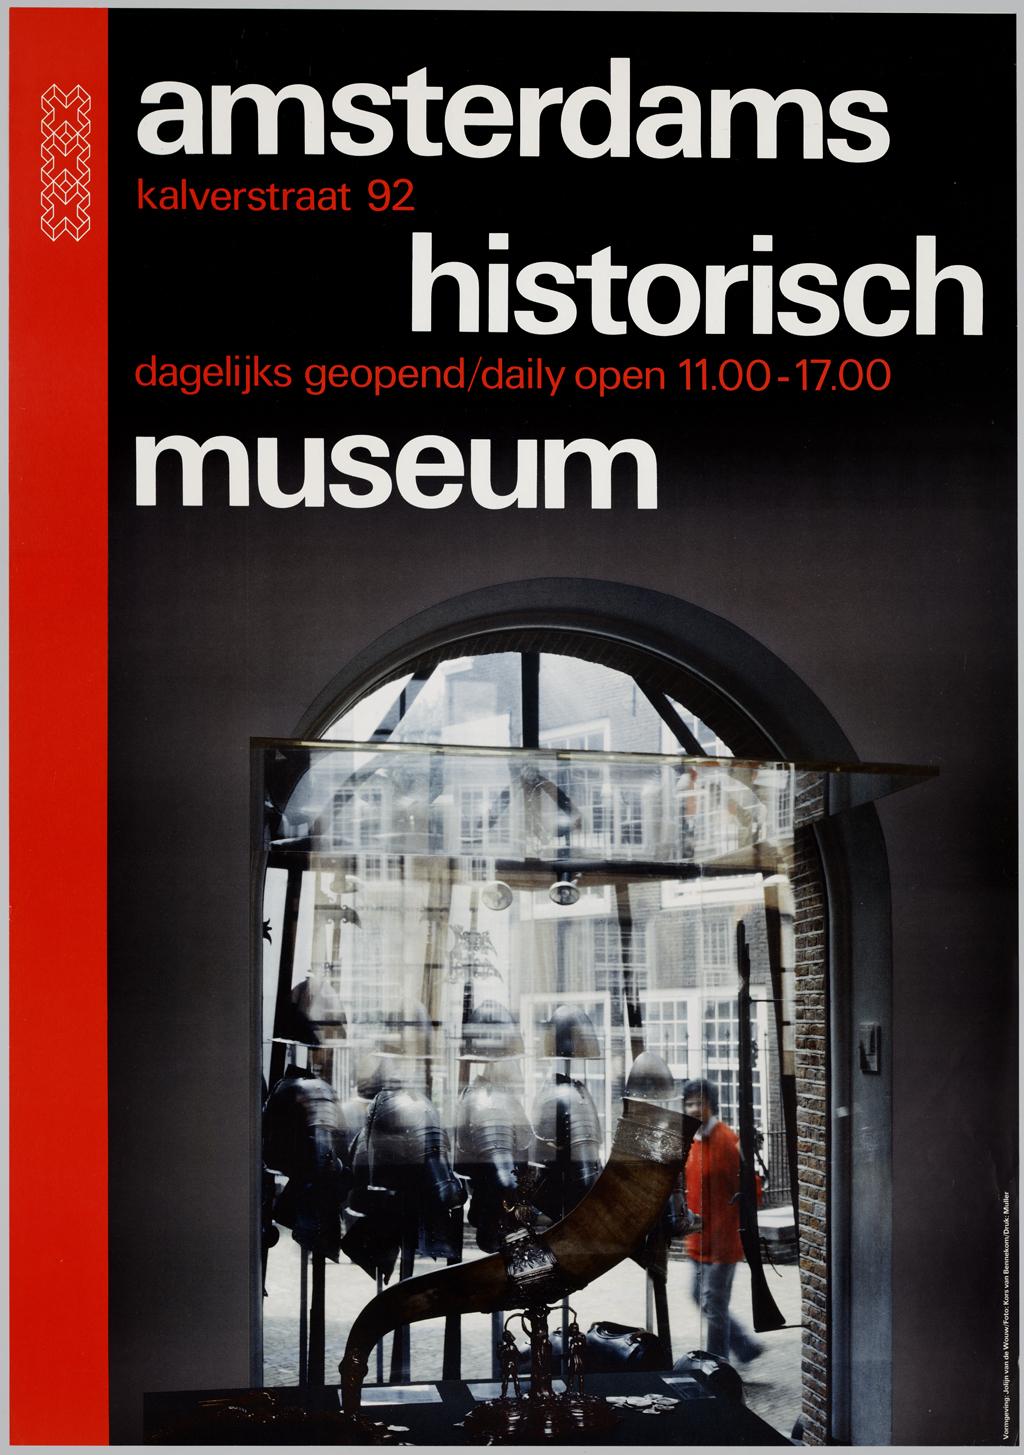 Algemeen affiche voor Amsterdams historisch museum